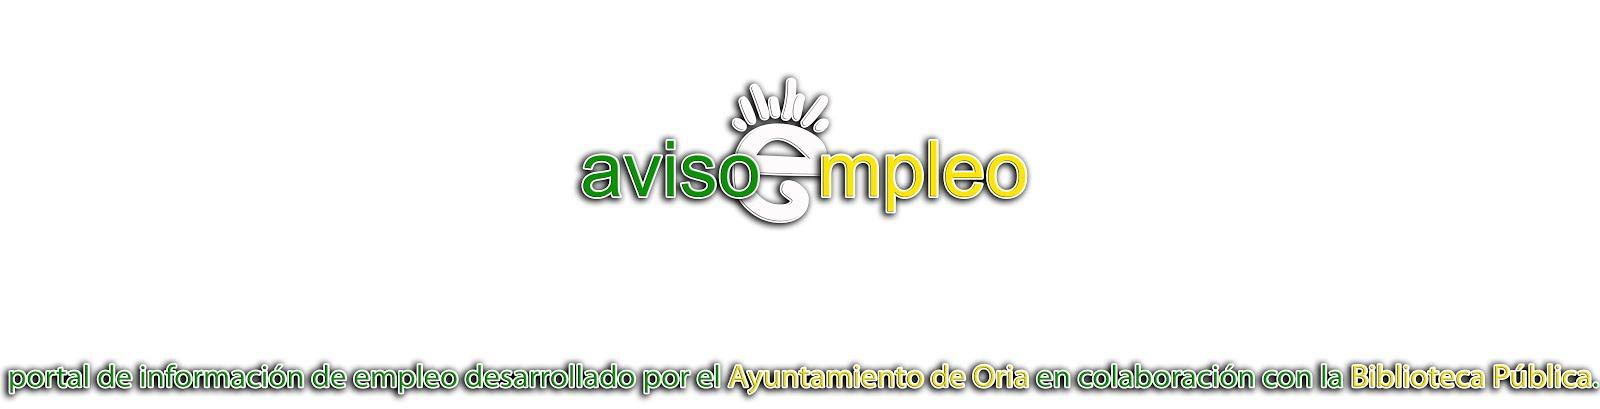 avisoEmpleo